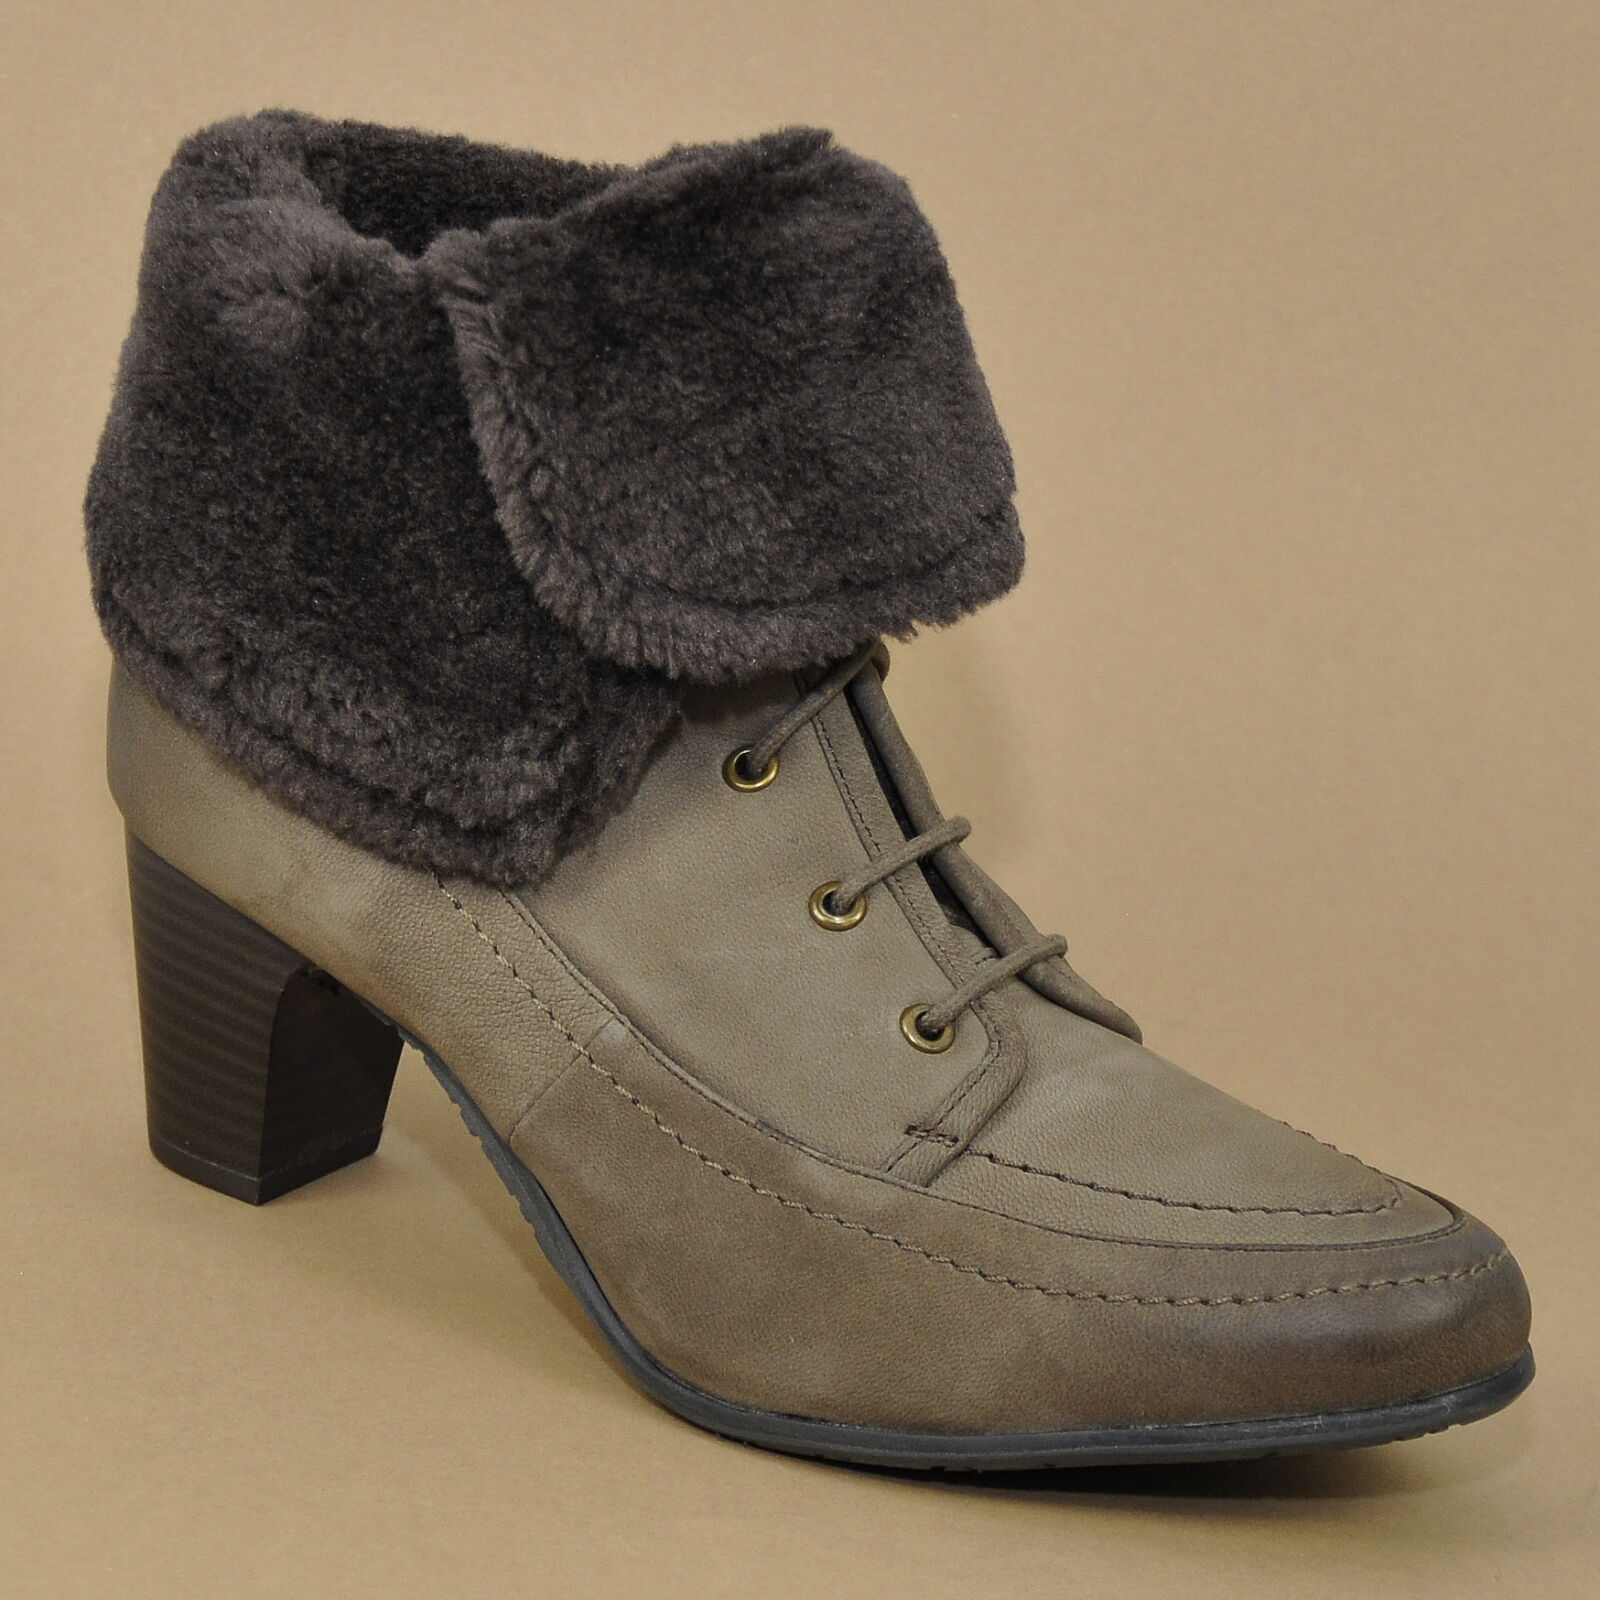 MBRC Shoes